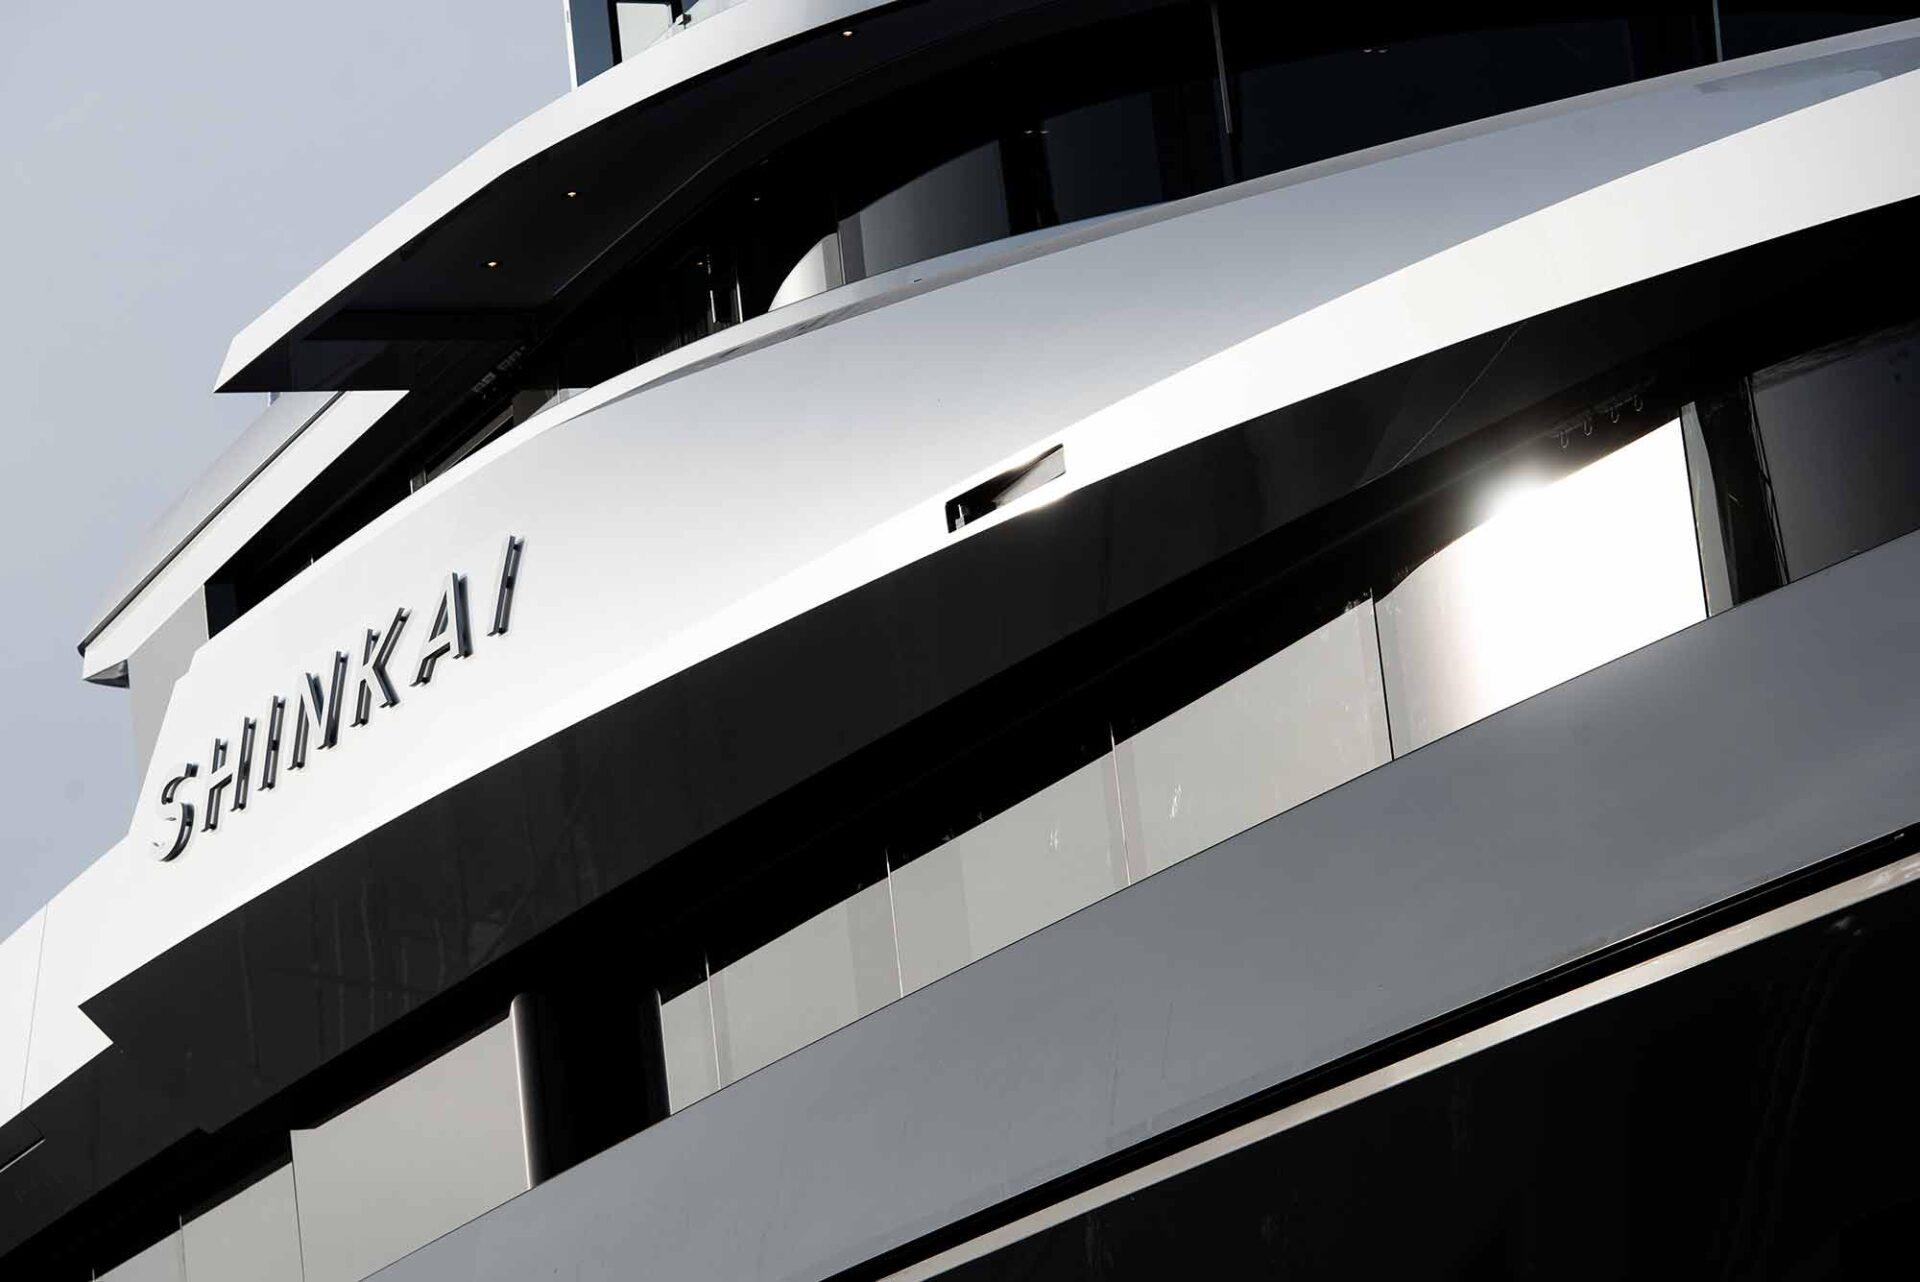 Что мы знаем о новейших Oceanco Y719 и Feadship Shinkai?